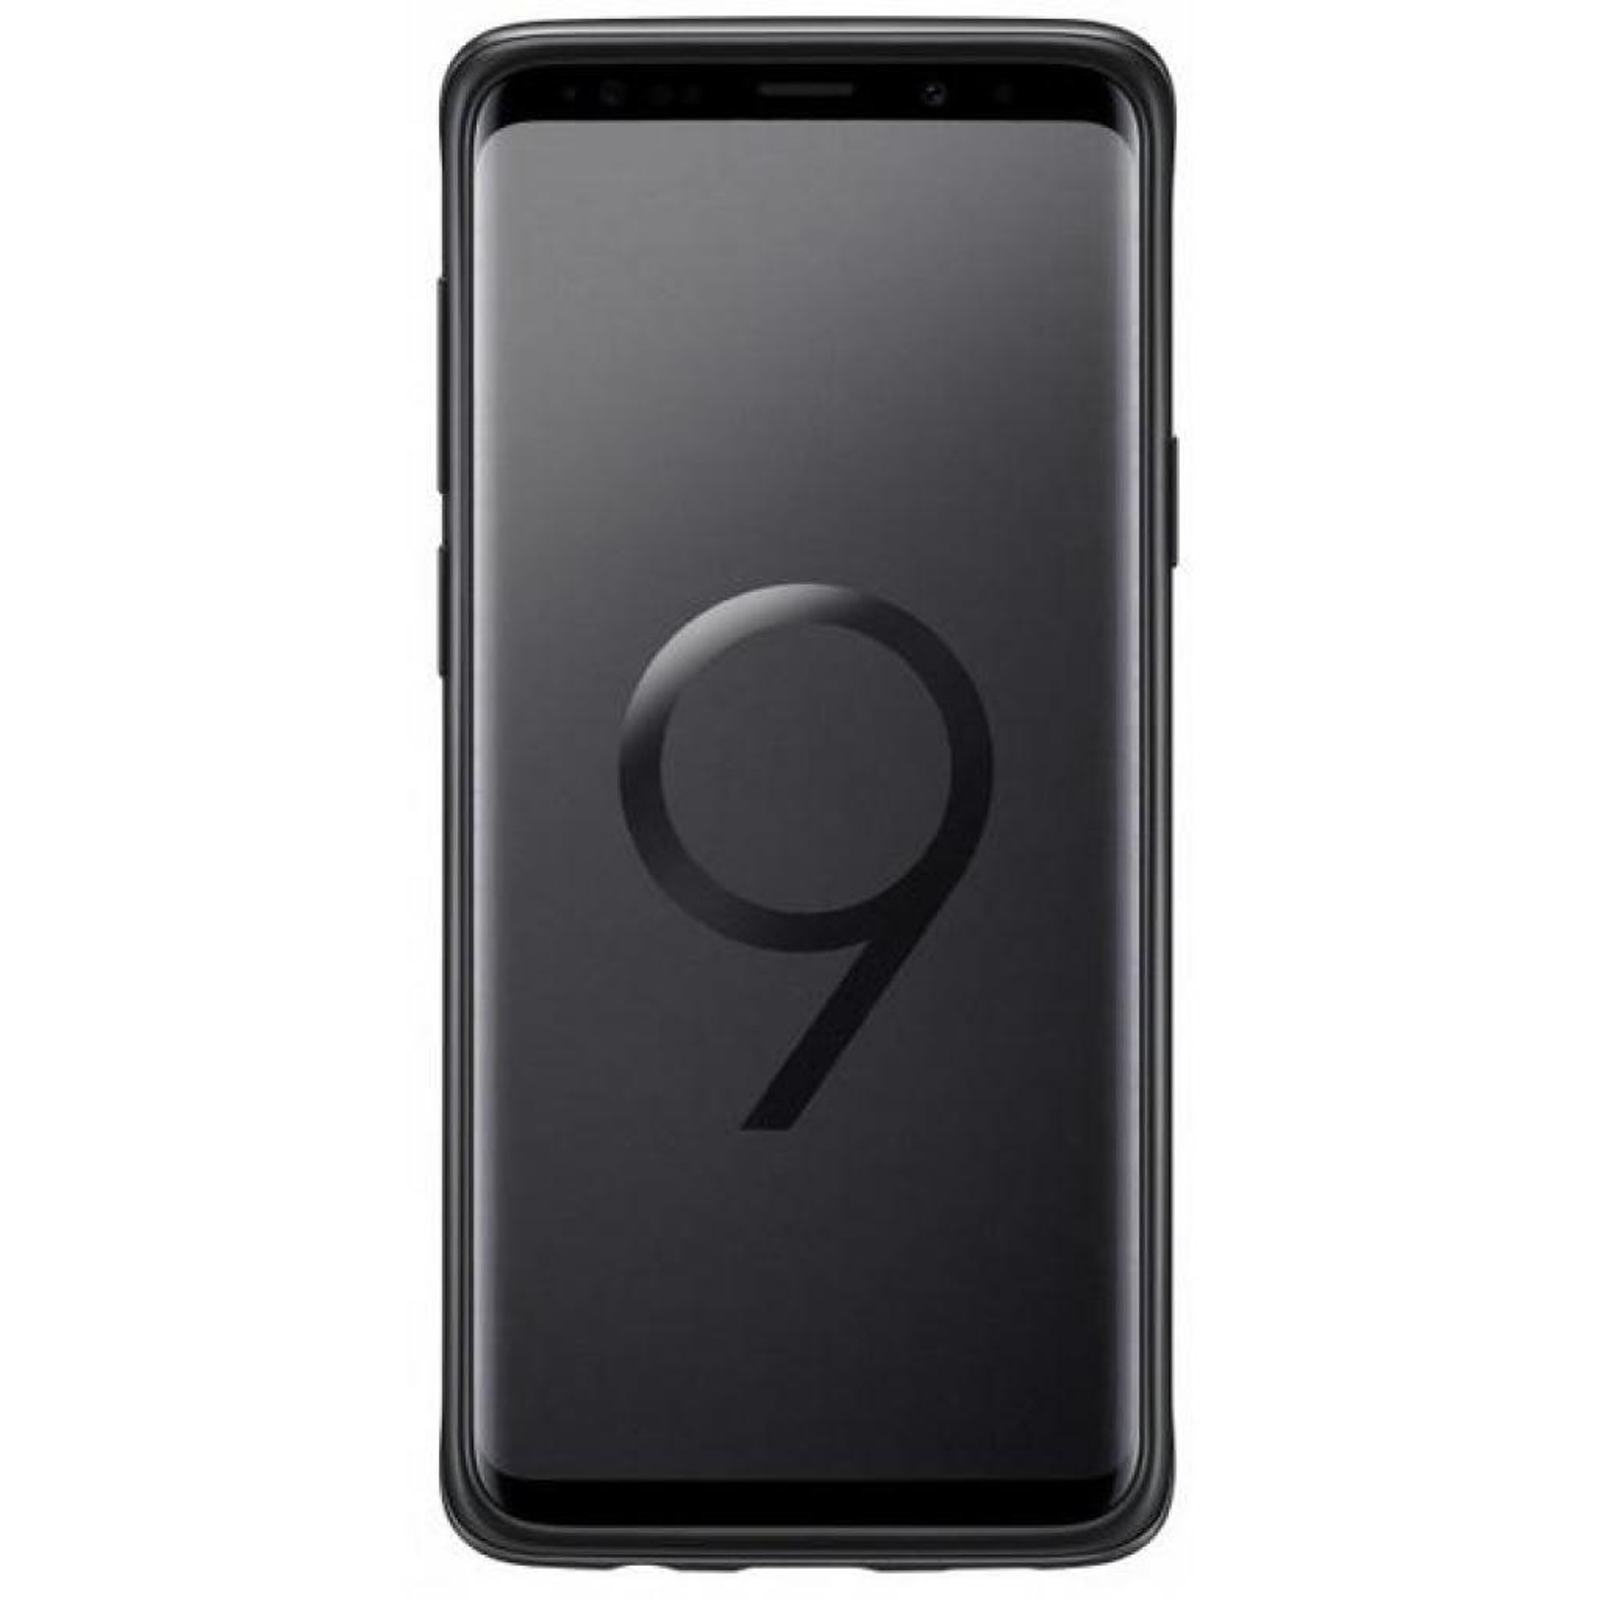 Чехол для моб. телефона Samsung для Galaxy S9+ (G965) Protective Stadning Black (EF-RG965CBEGRU) изображение 3